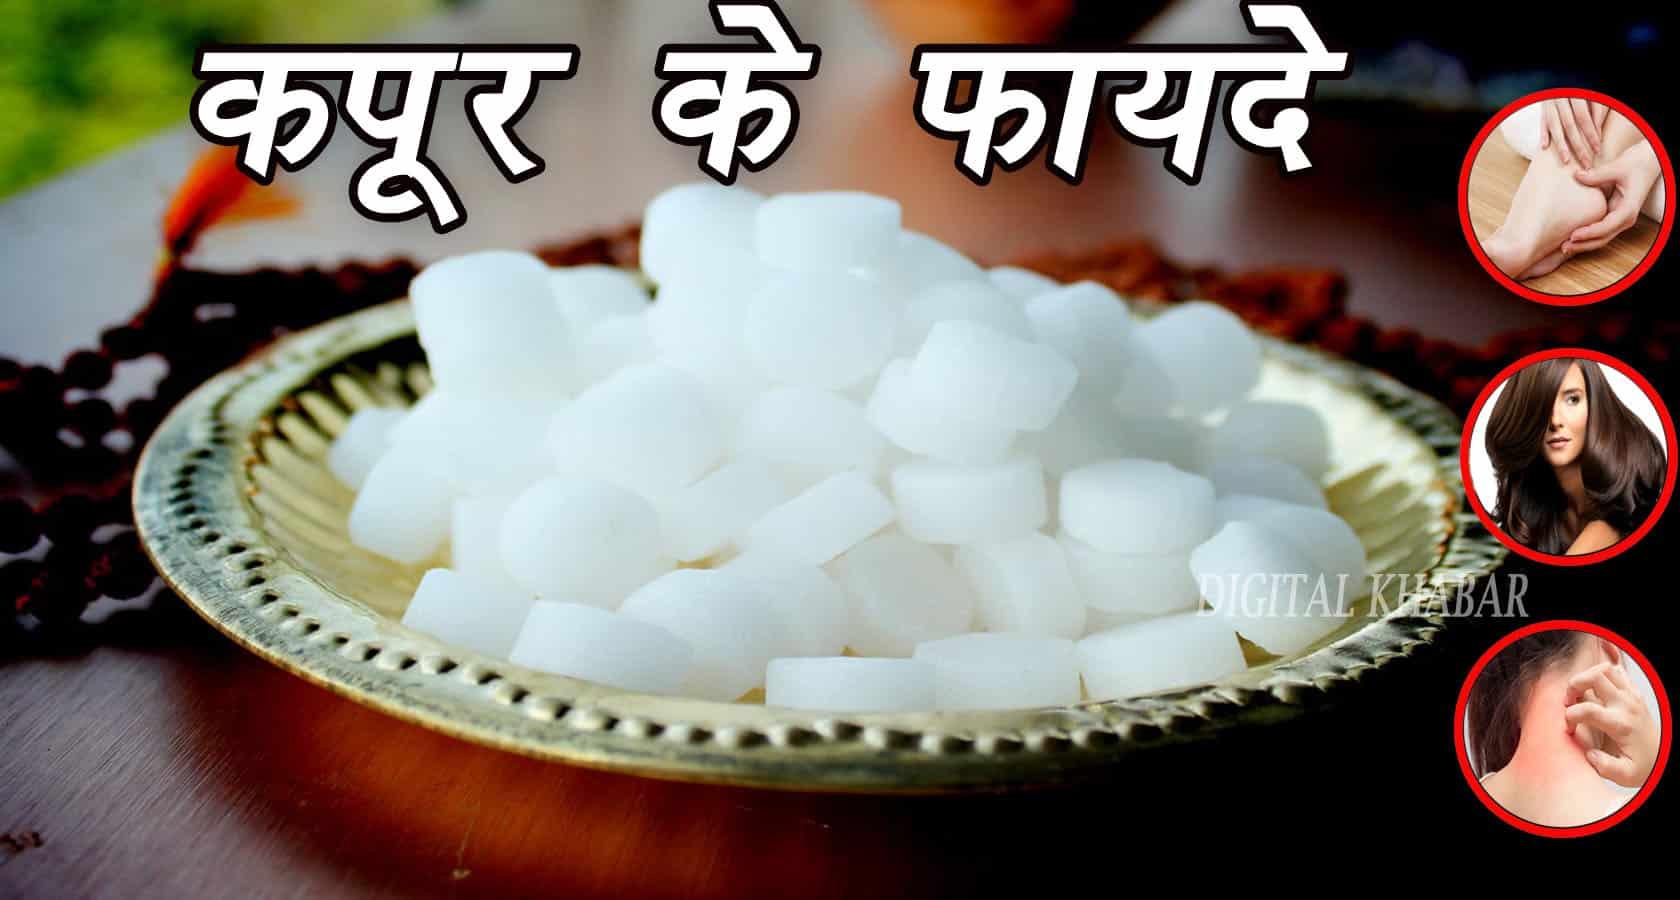 कपूर का स्वास्थ्य लाभ | Health Benefits of Camphor in Hindi